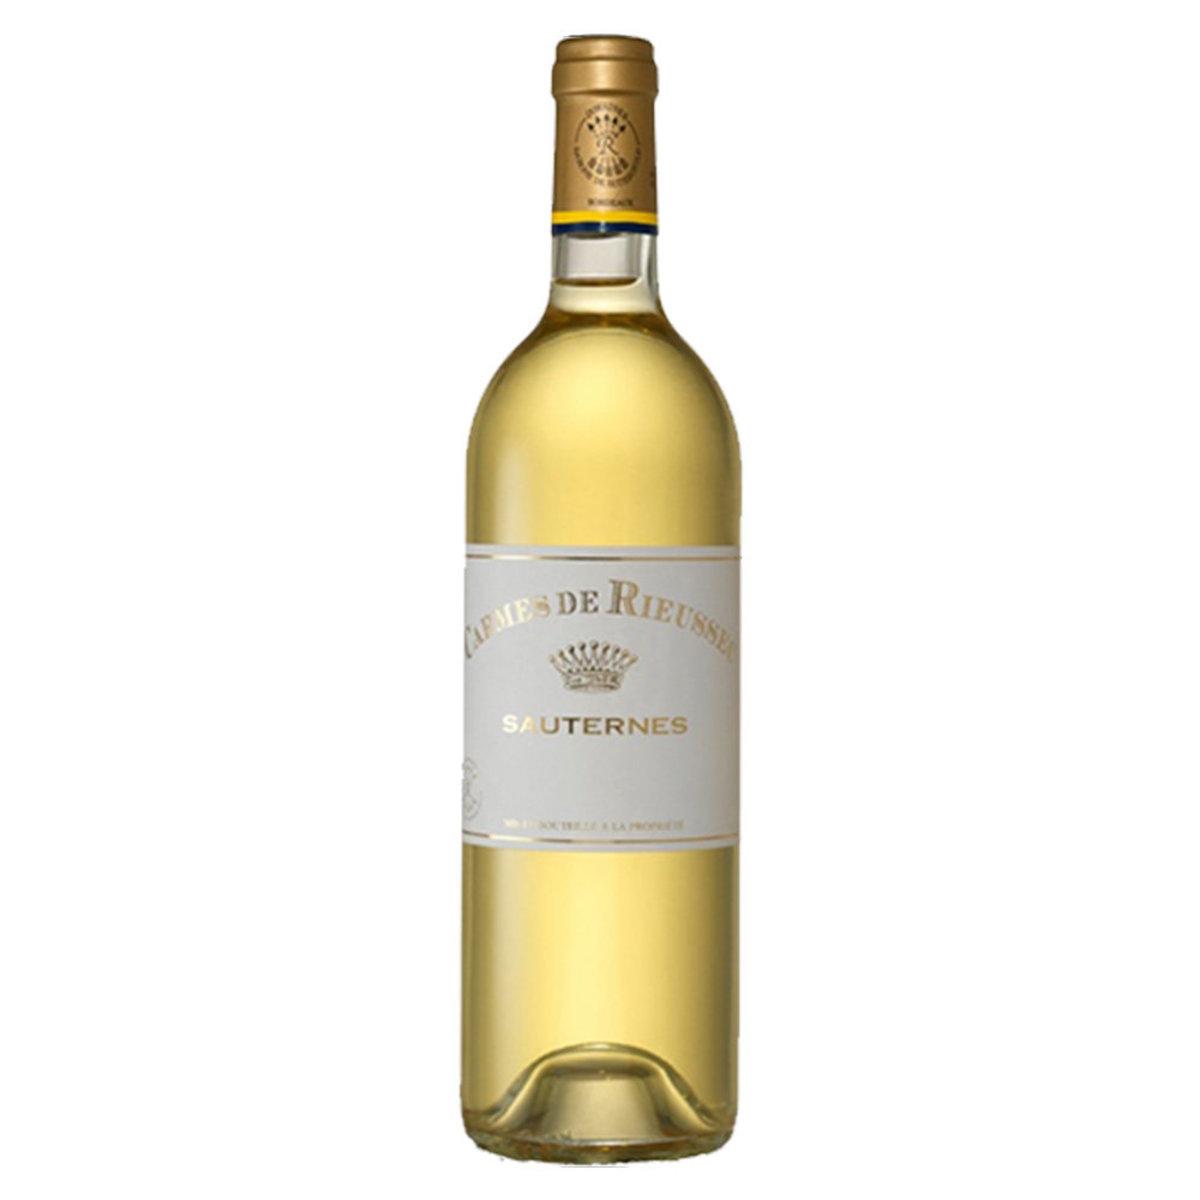 Carmes de Rieussec 2011【法國甜白酒】